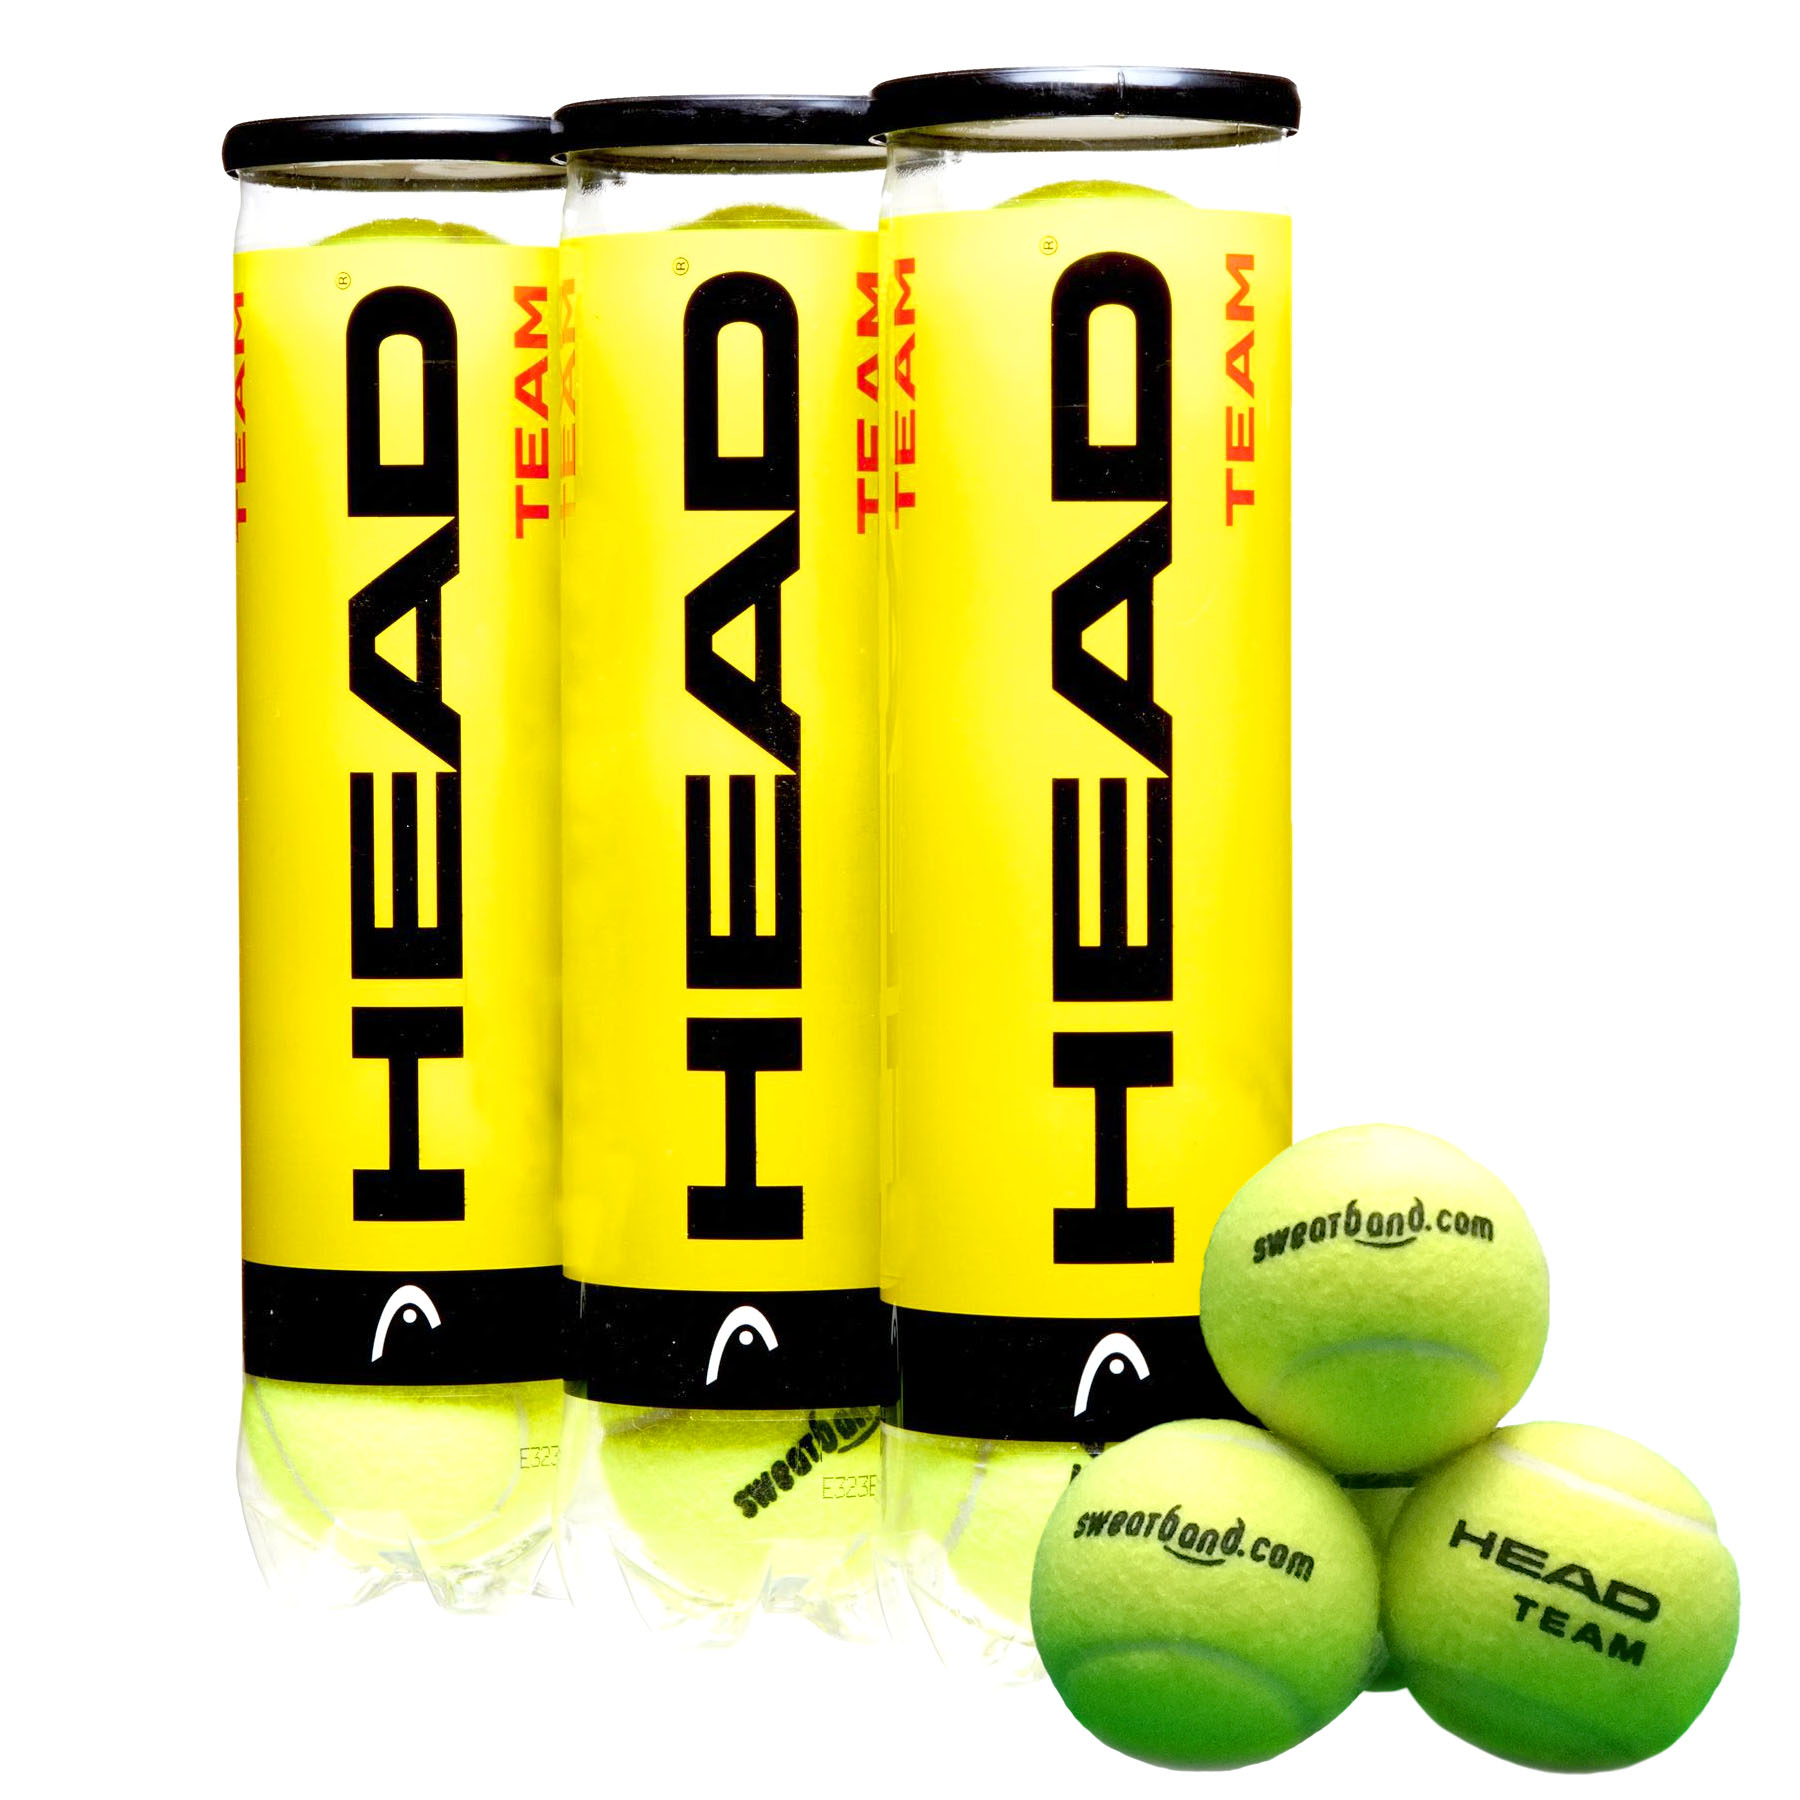 Sweatband.com Head Team Tennis Balls (1 dozen)